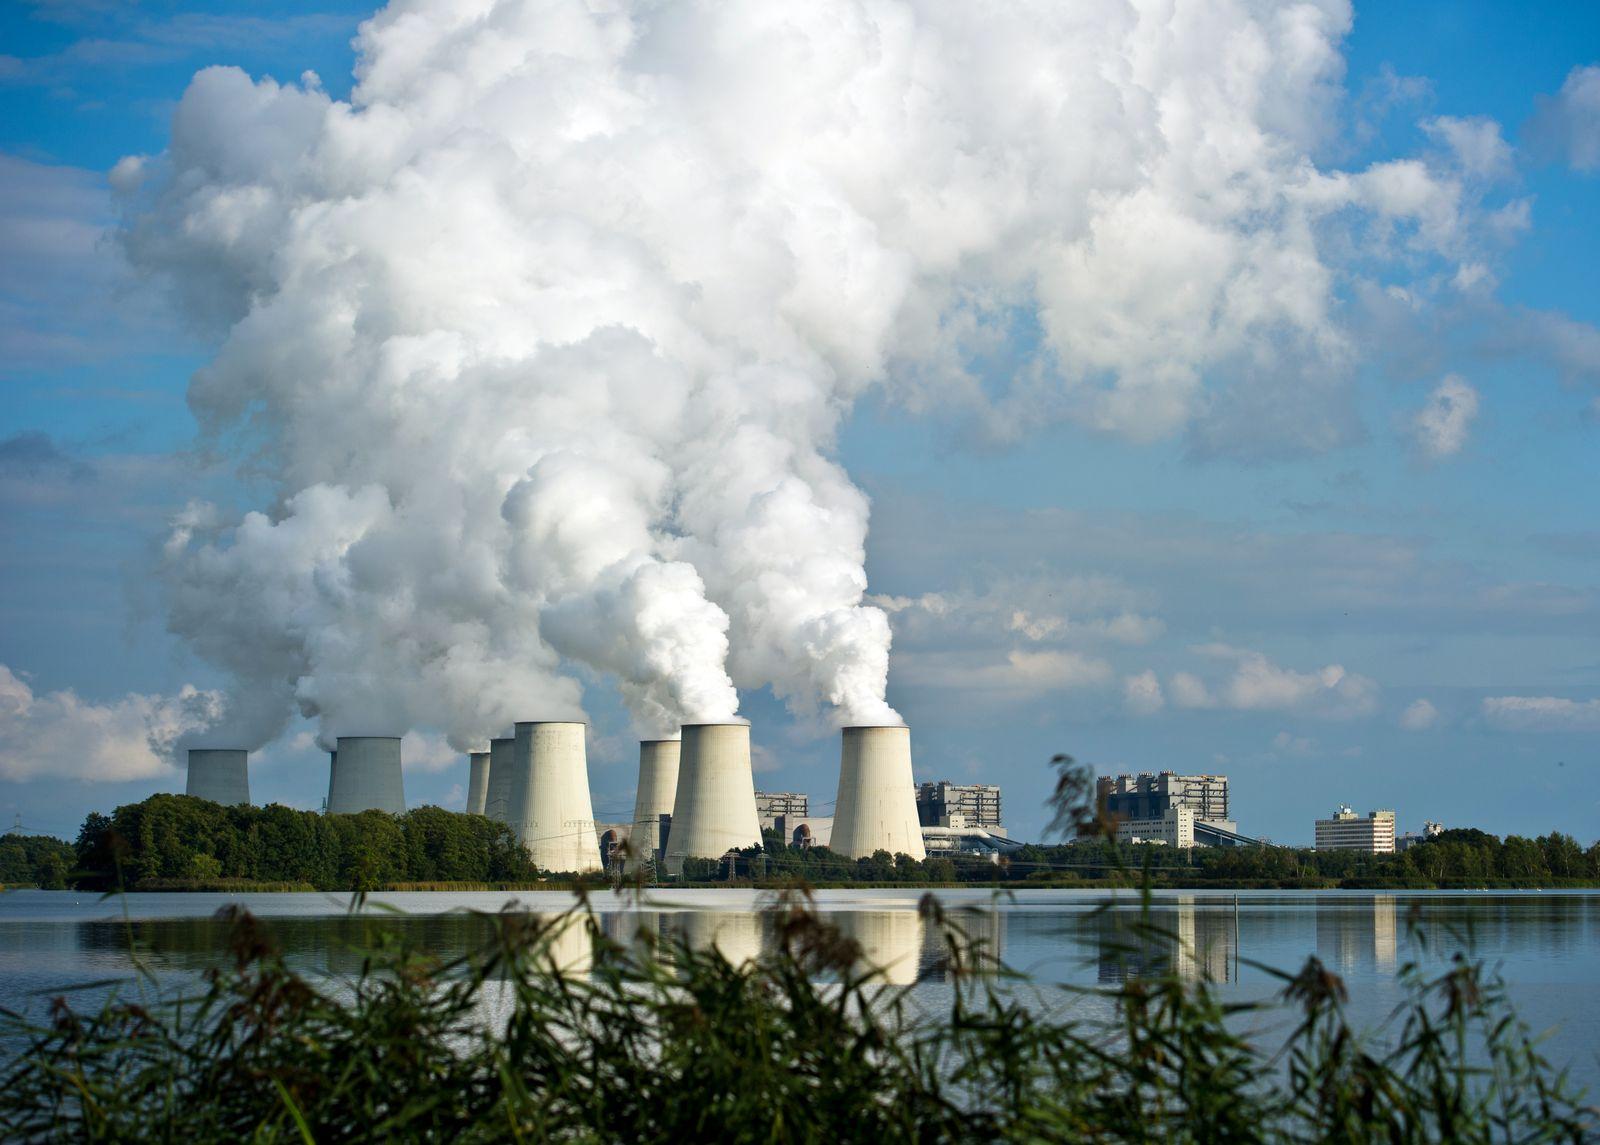 Vattenfall Braunkohlekraftwerk / Kohlekraftwerk